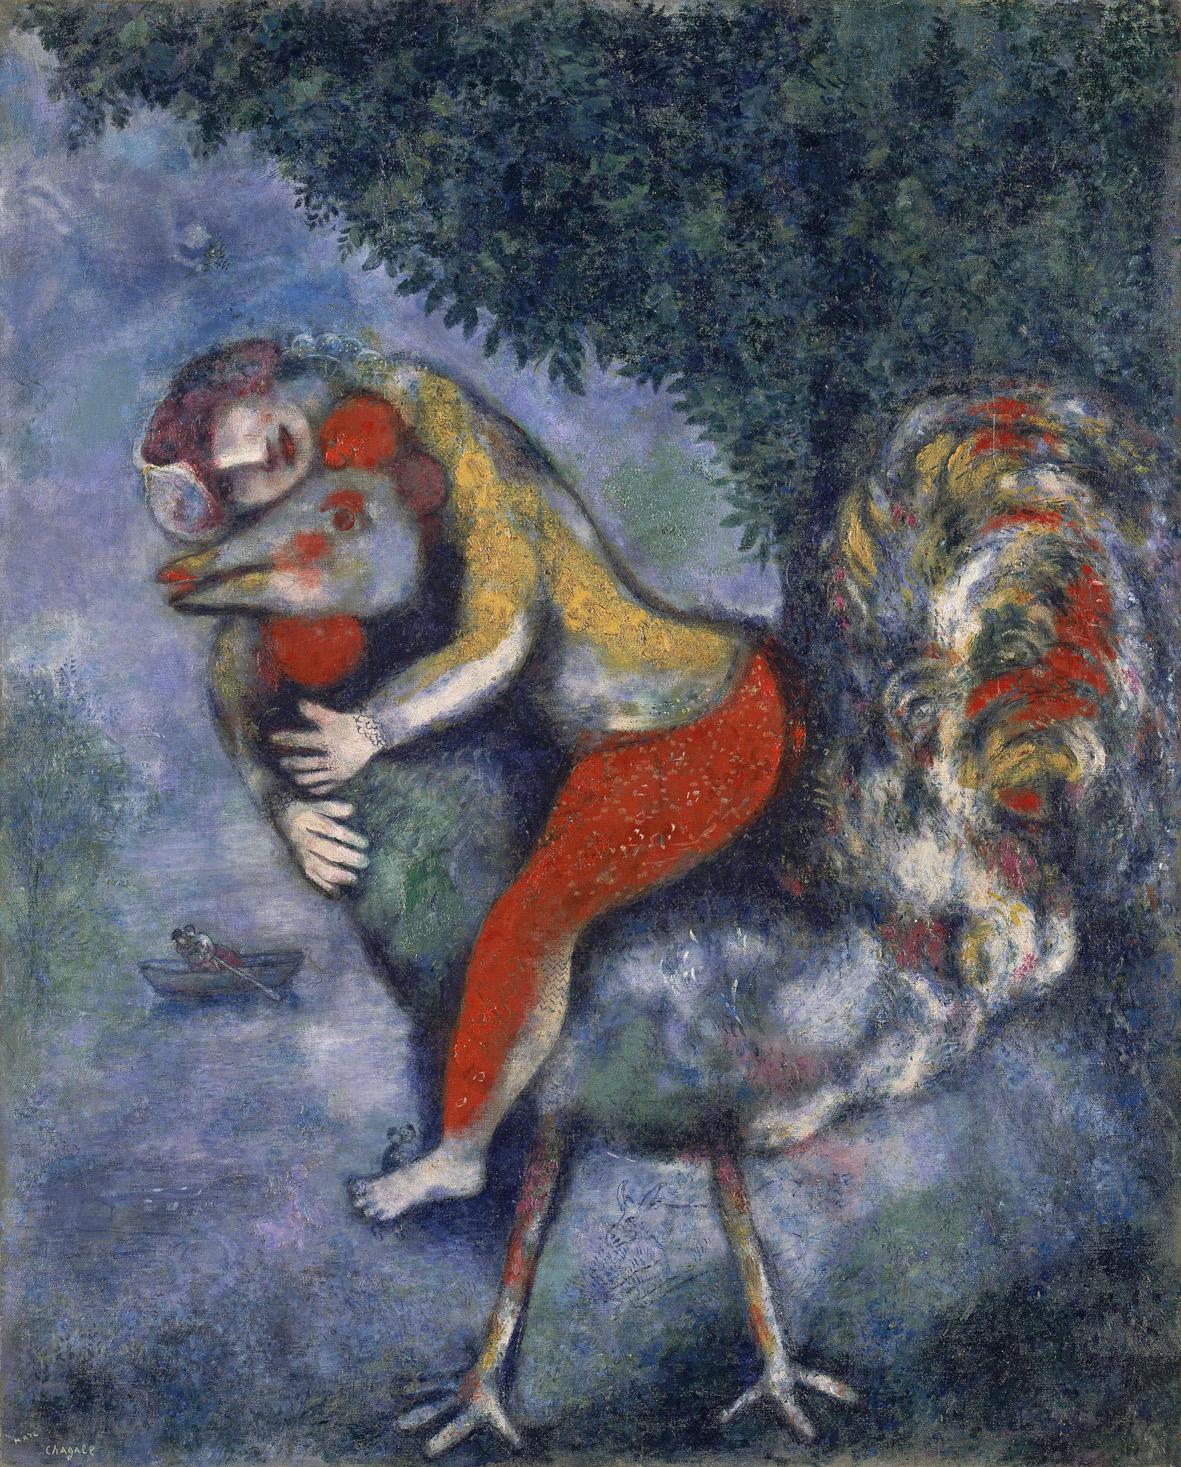 Marc Chagall, Il Gallo, 1928, Madrid, Museo Museo Nazionale Thyssen-Bornemisza © Chagall ®, by SIAE 2020